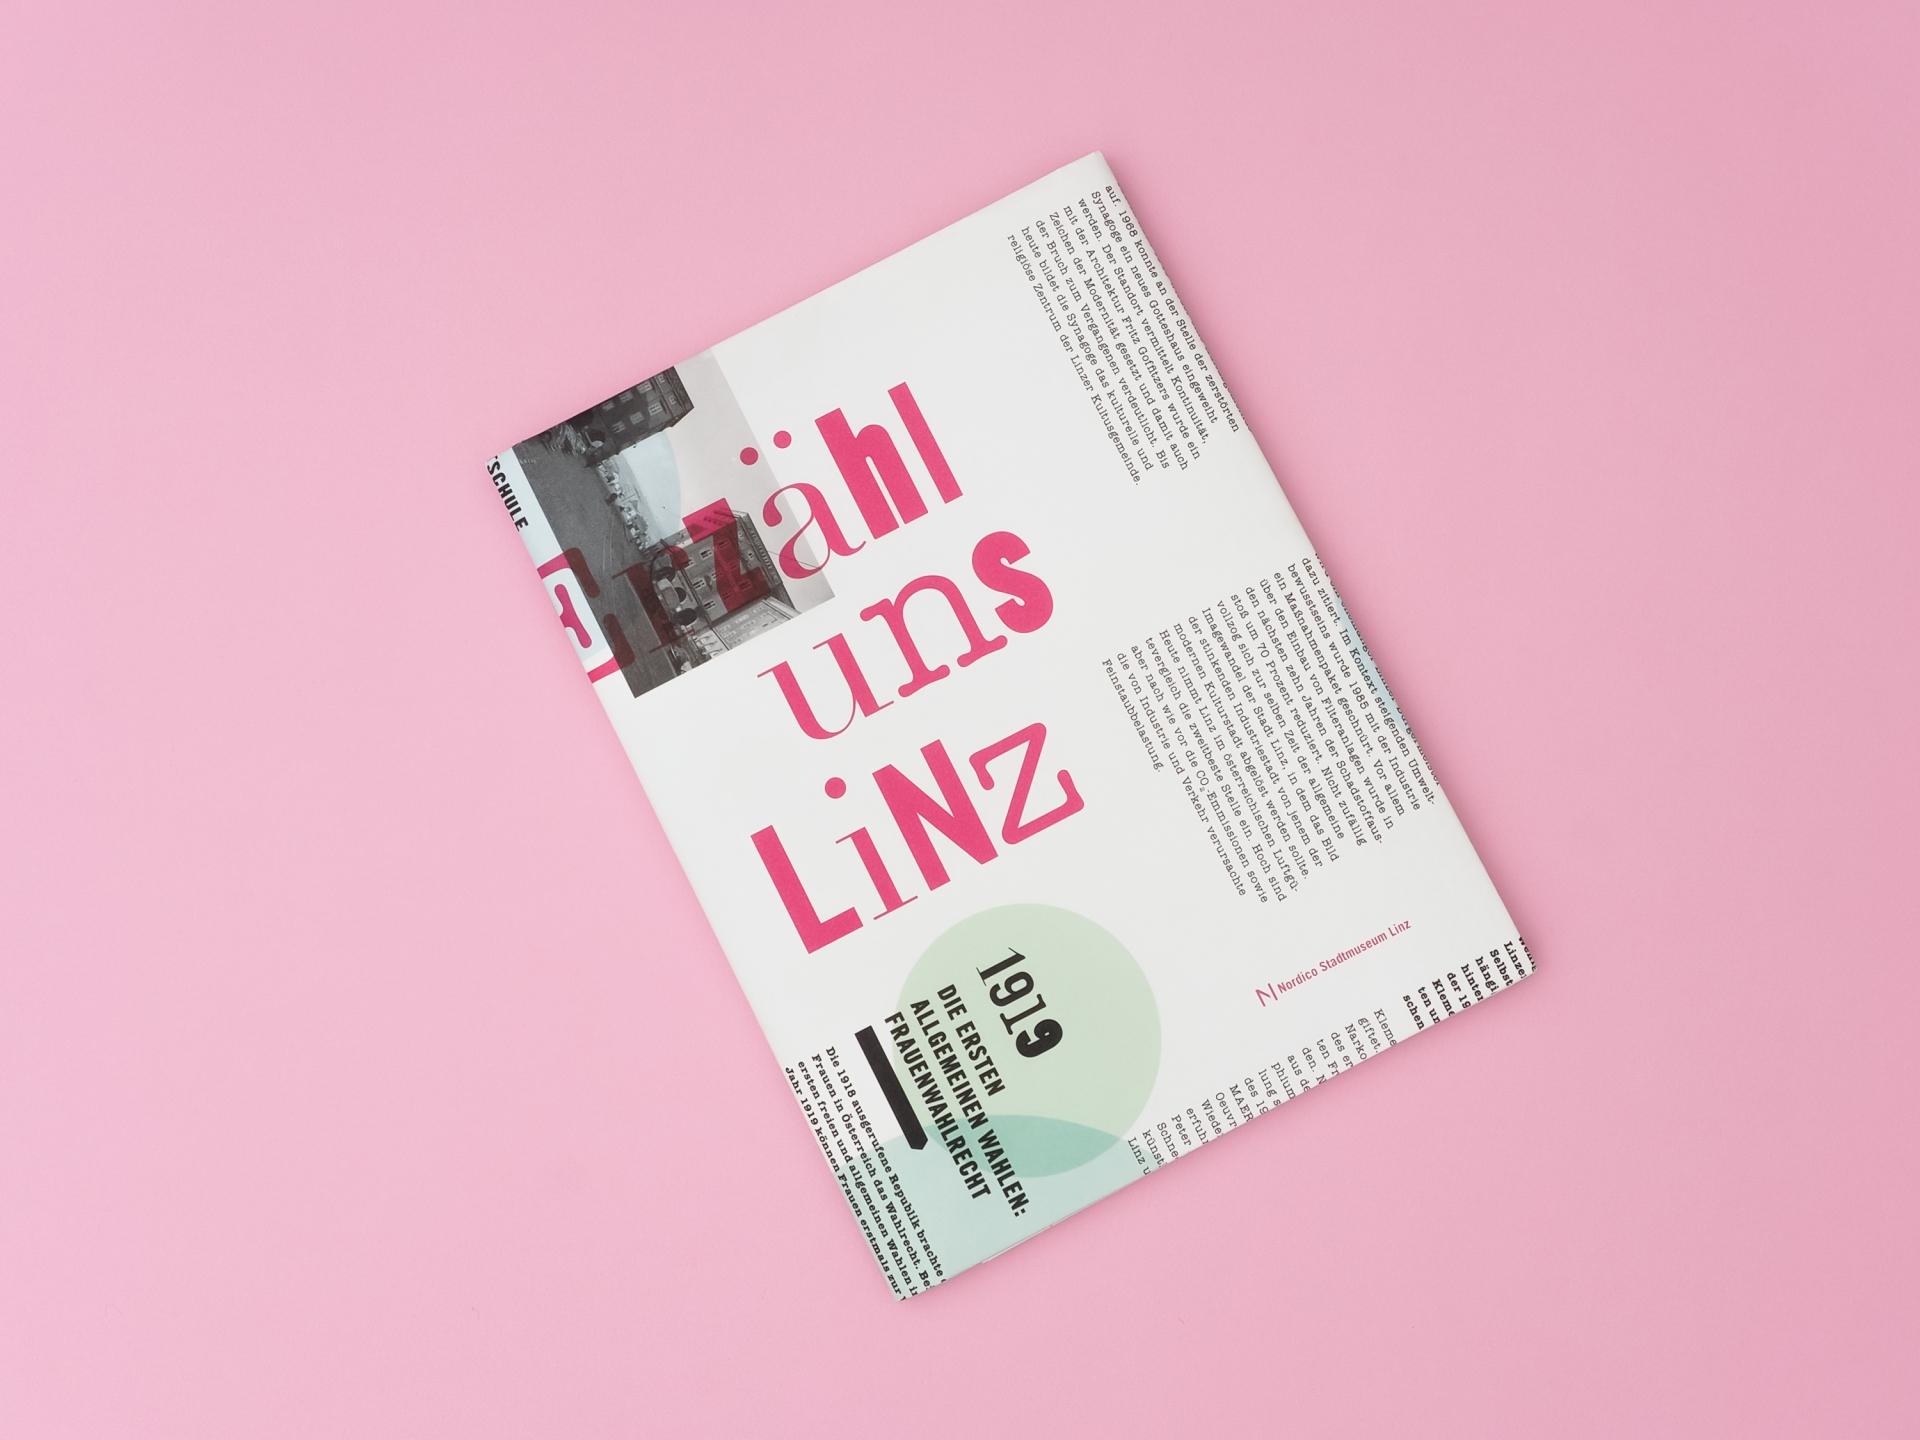 Grafikum Erhält uns Linz Geschichtenheft